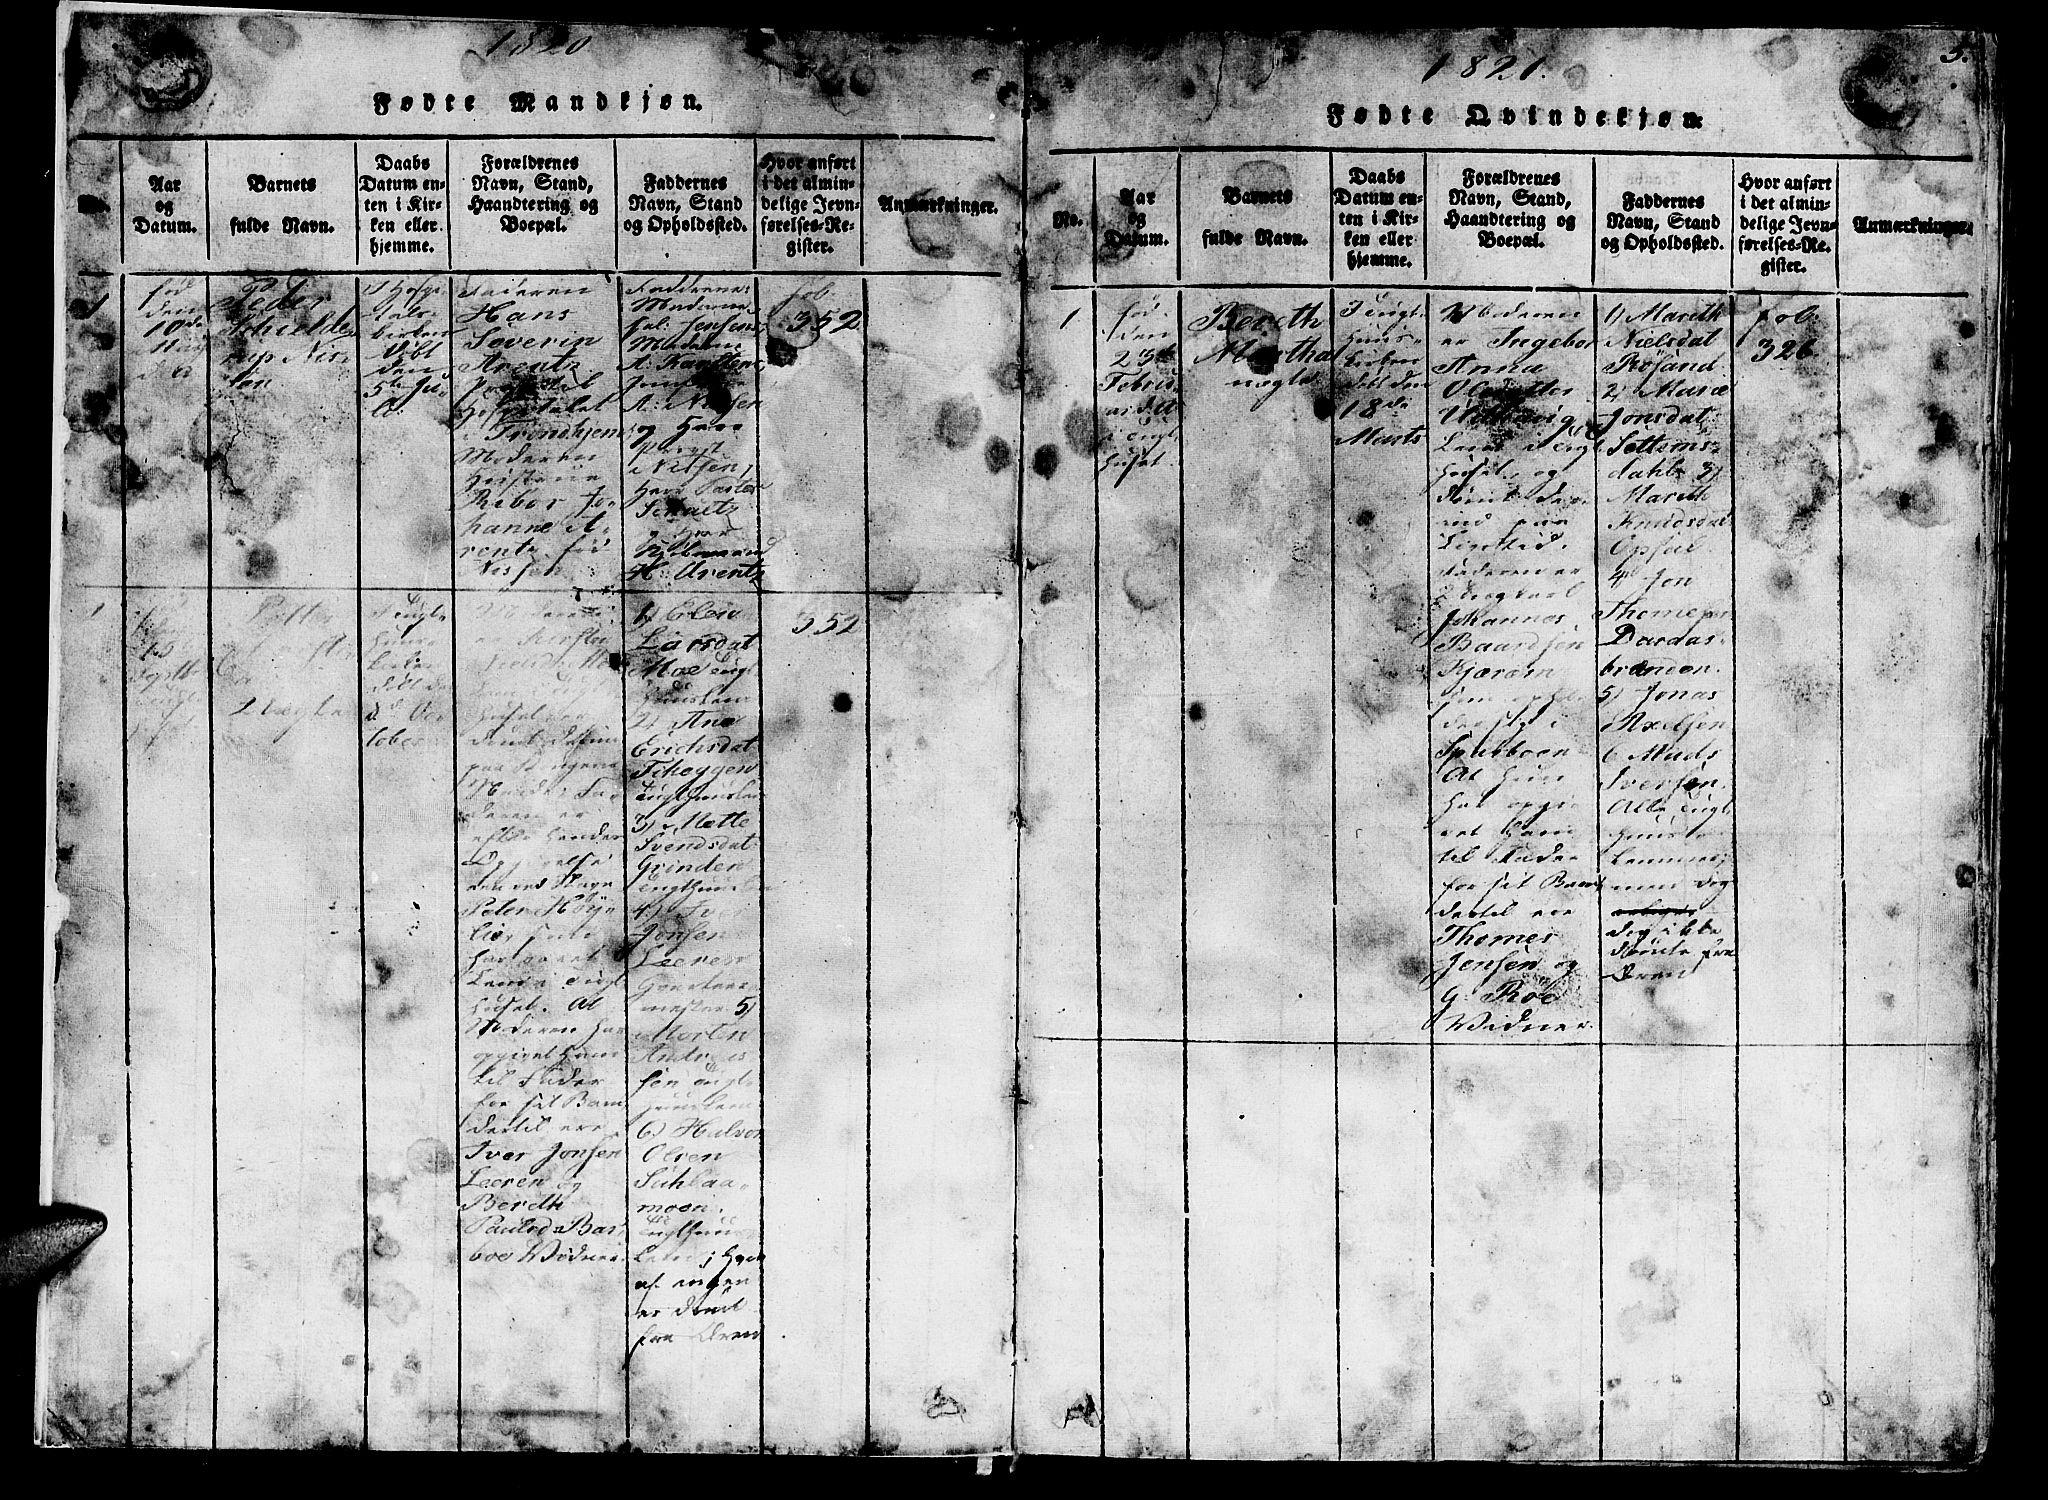 SAT, Ministerialprotokoller, klokkerbøker og fødselsregistre - Sør-Trøndelag, 623/L0478: Klokkerbok nr. 623C01, 1815-1873, s. 5